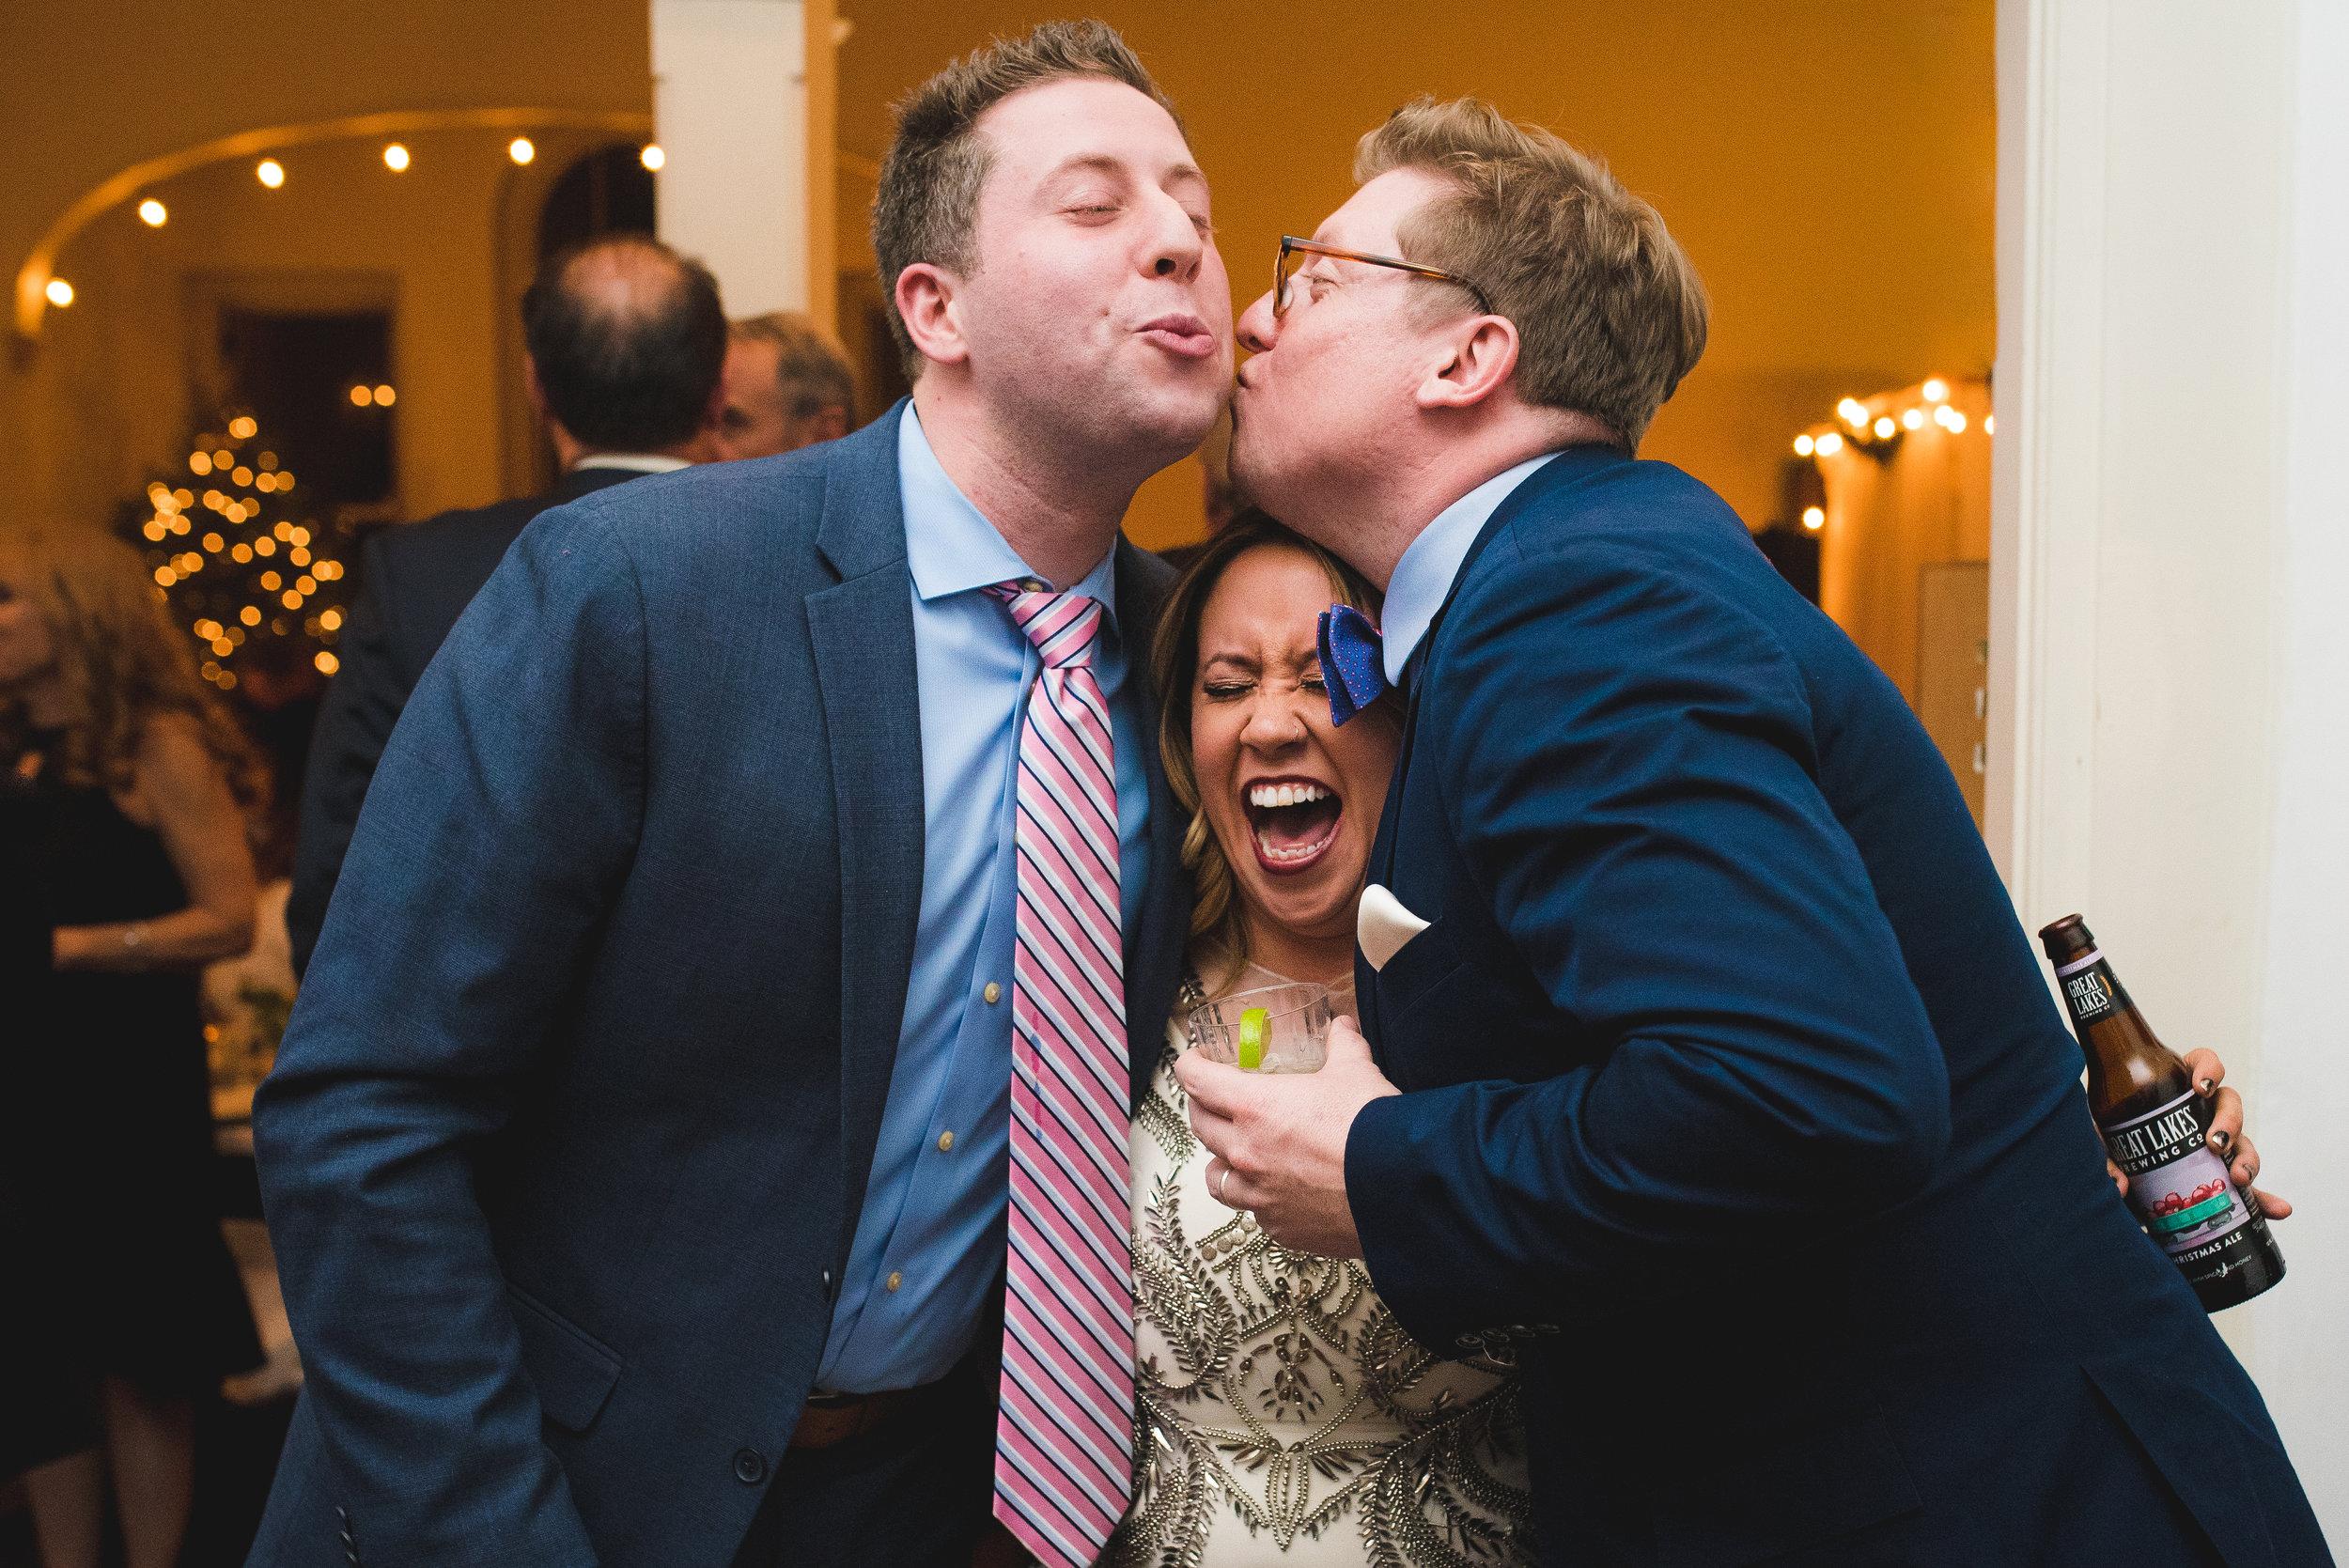 Wedding photographer in DC.jpg